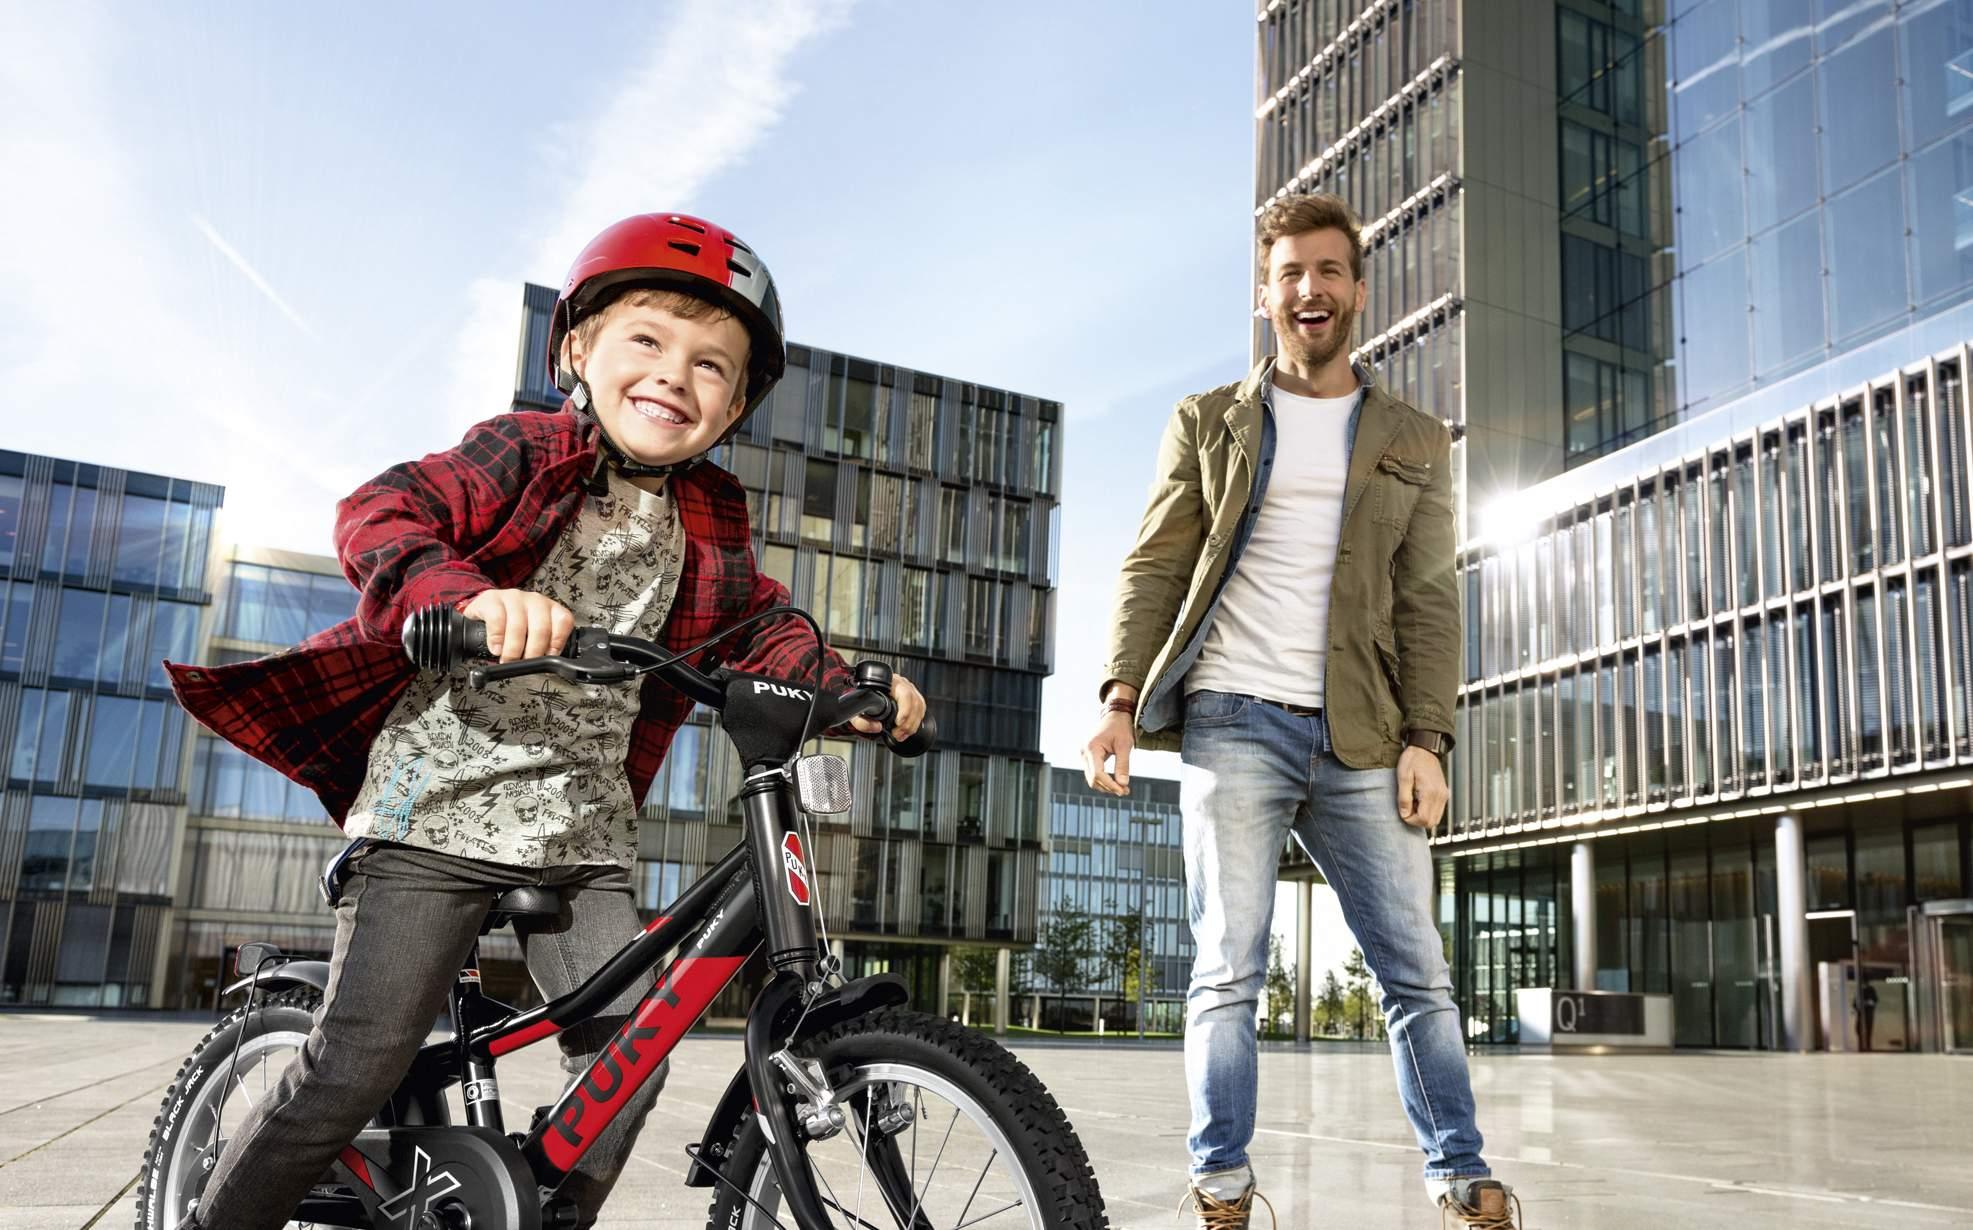 Das erste Fahrrad - so finden Sie das richtige Kinderfahrrad - Spaß beim fahren lernen - Lucky Bike